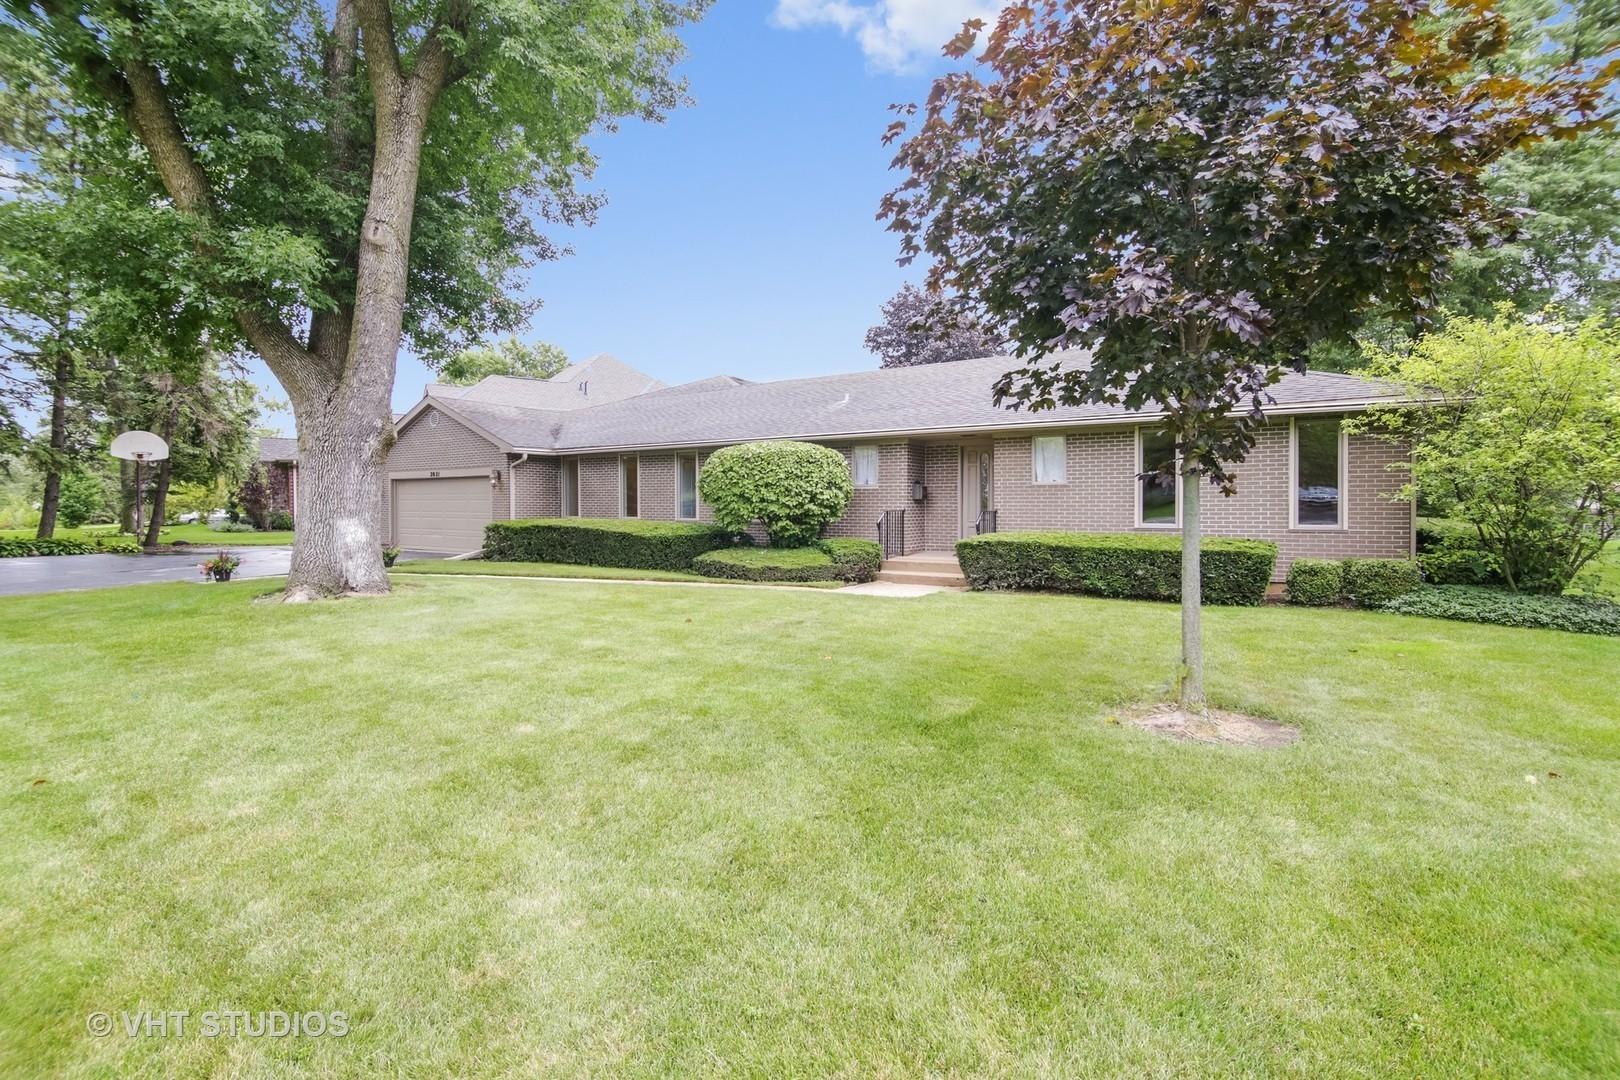 2021 Walnut Circle Northbrook, Il 60062 | Mls# 09728441 | @Properties-Illinois Rut Report 2021